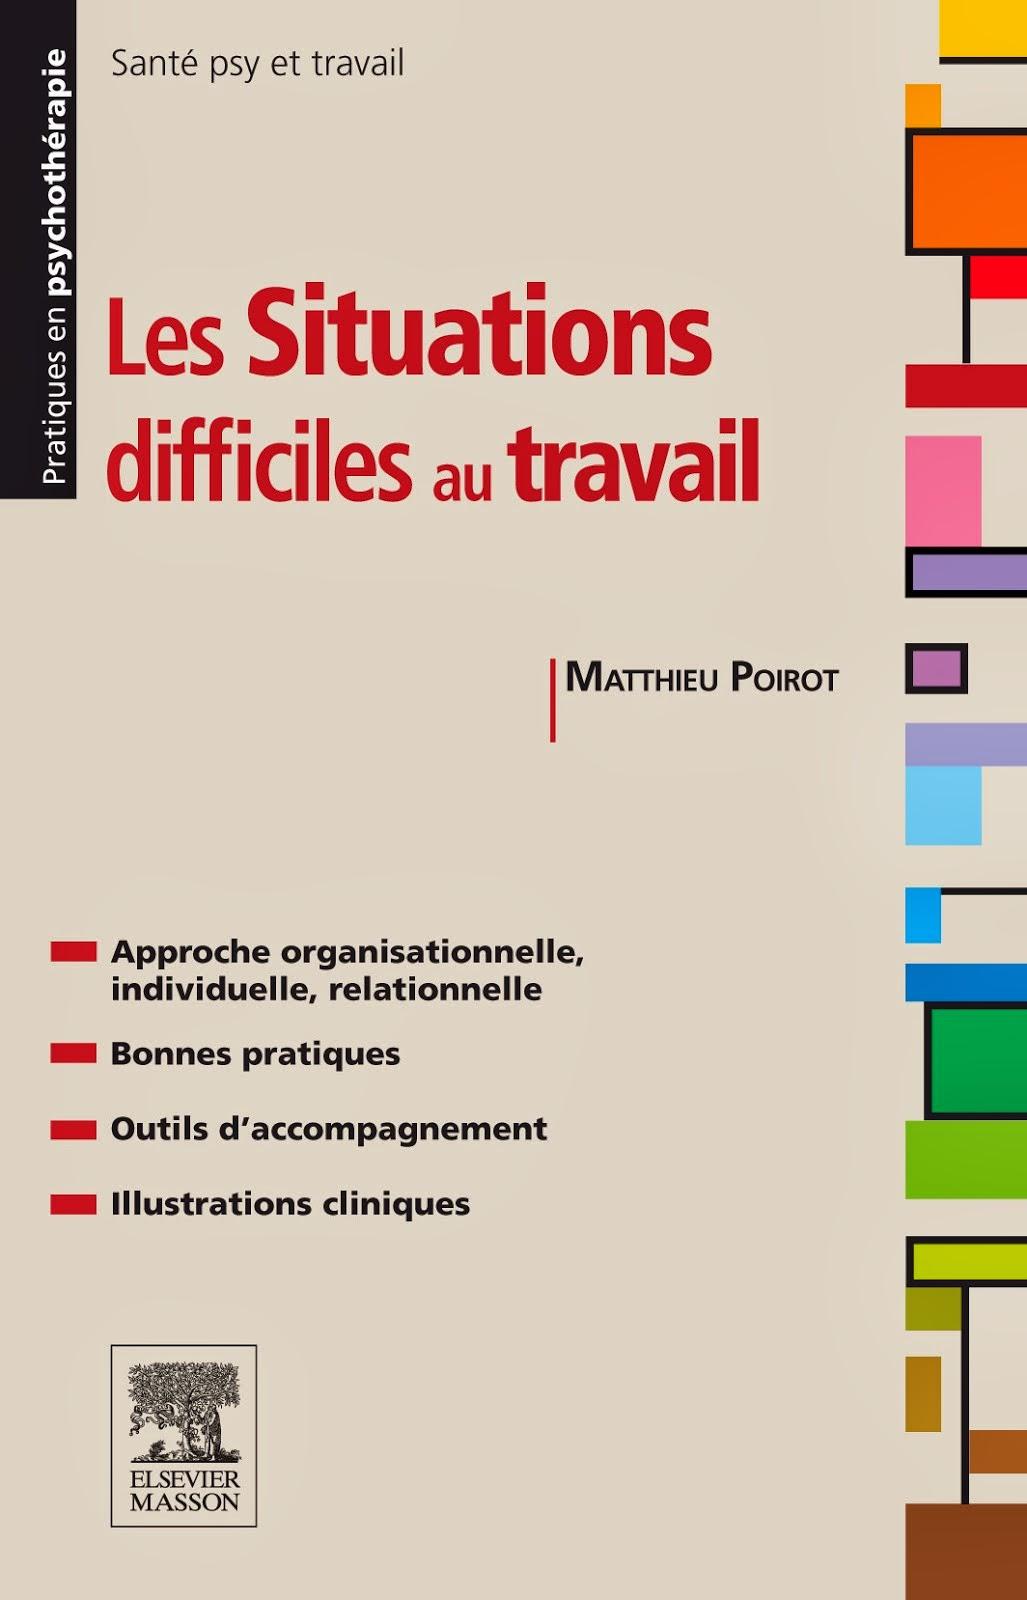 Une approche claire et pragmatique (organisation, individu, relation) des situations complexes